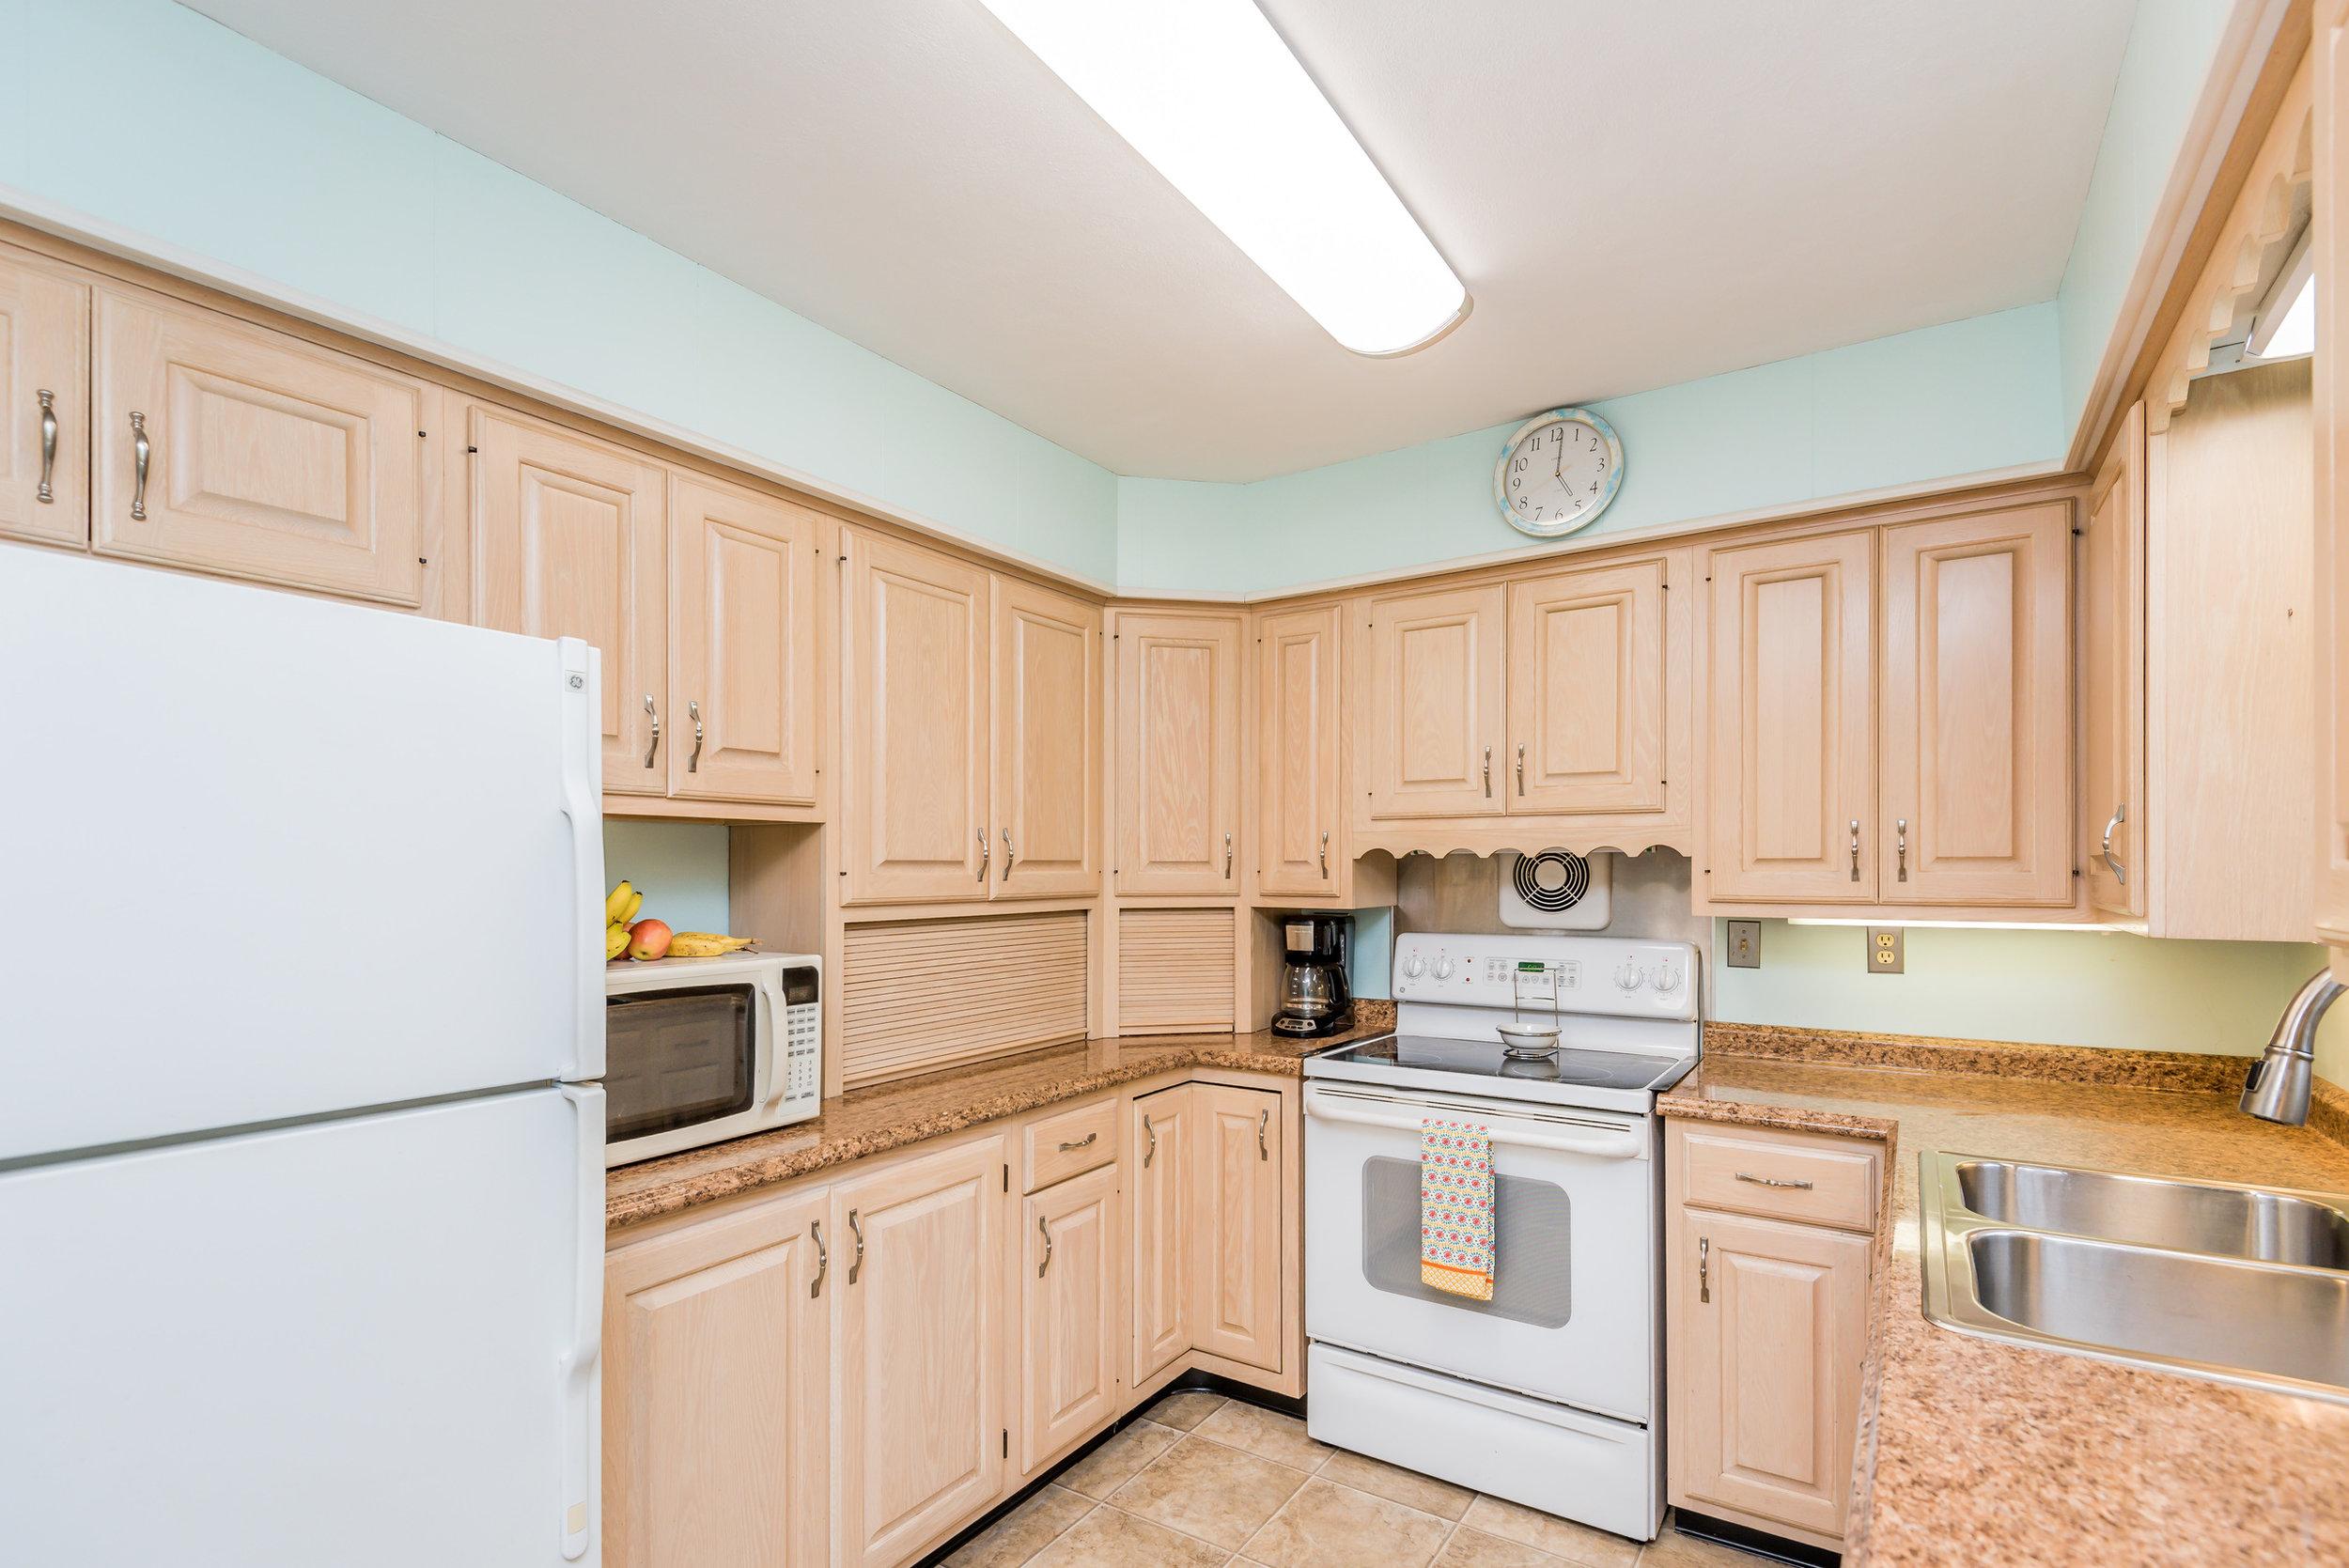 kitchen_1_of_1_-3.jpg